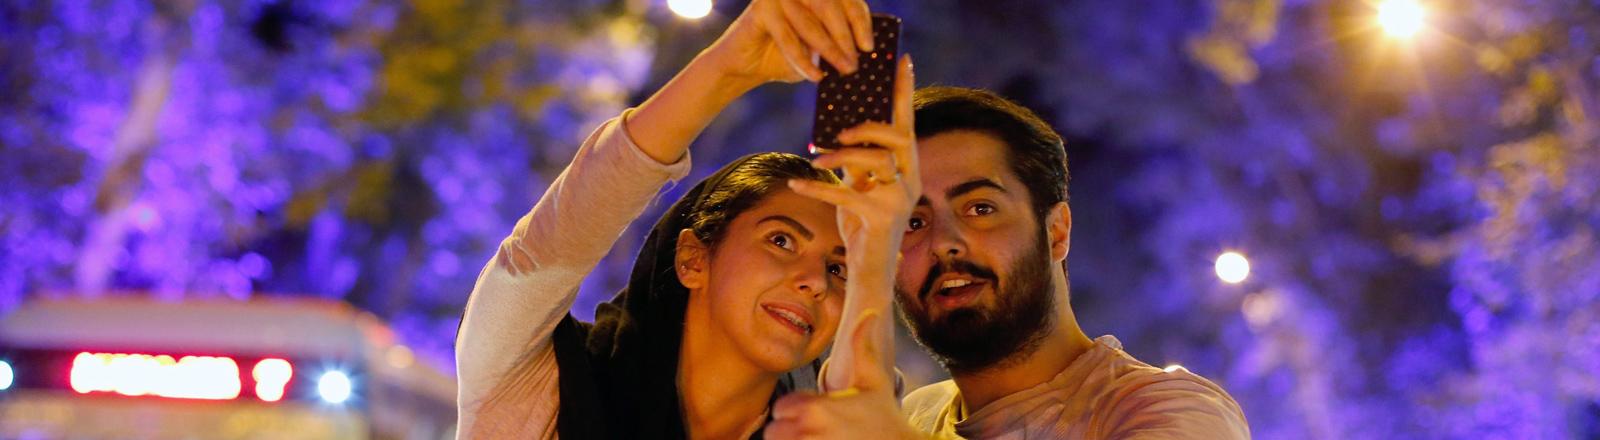 Ein iranischen Paar feiert in Teheran feiern das Ende des Atomstreits am 14.7.2015.